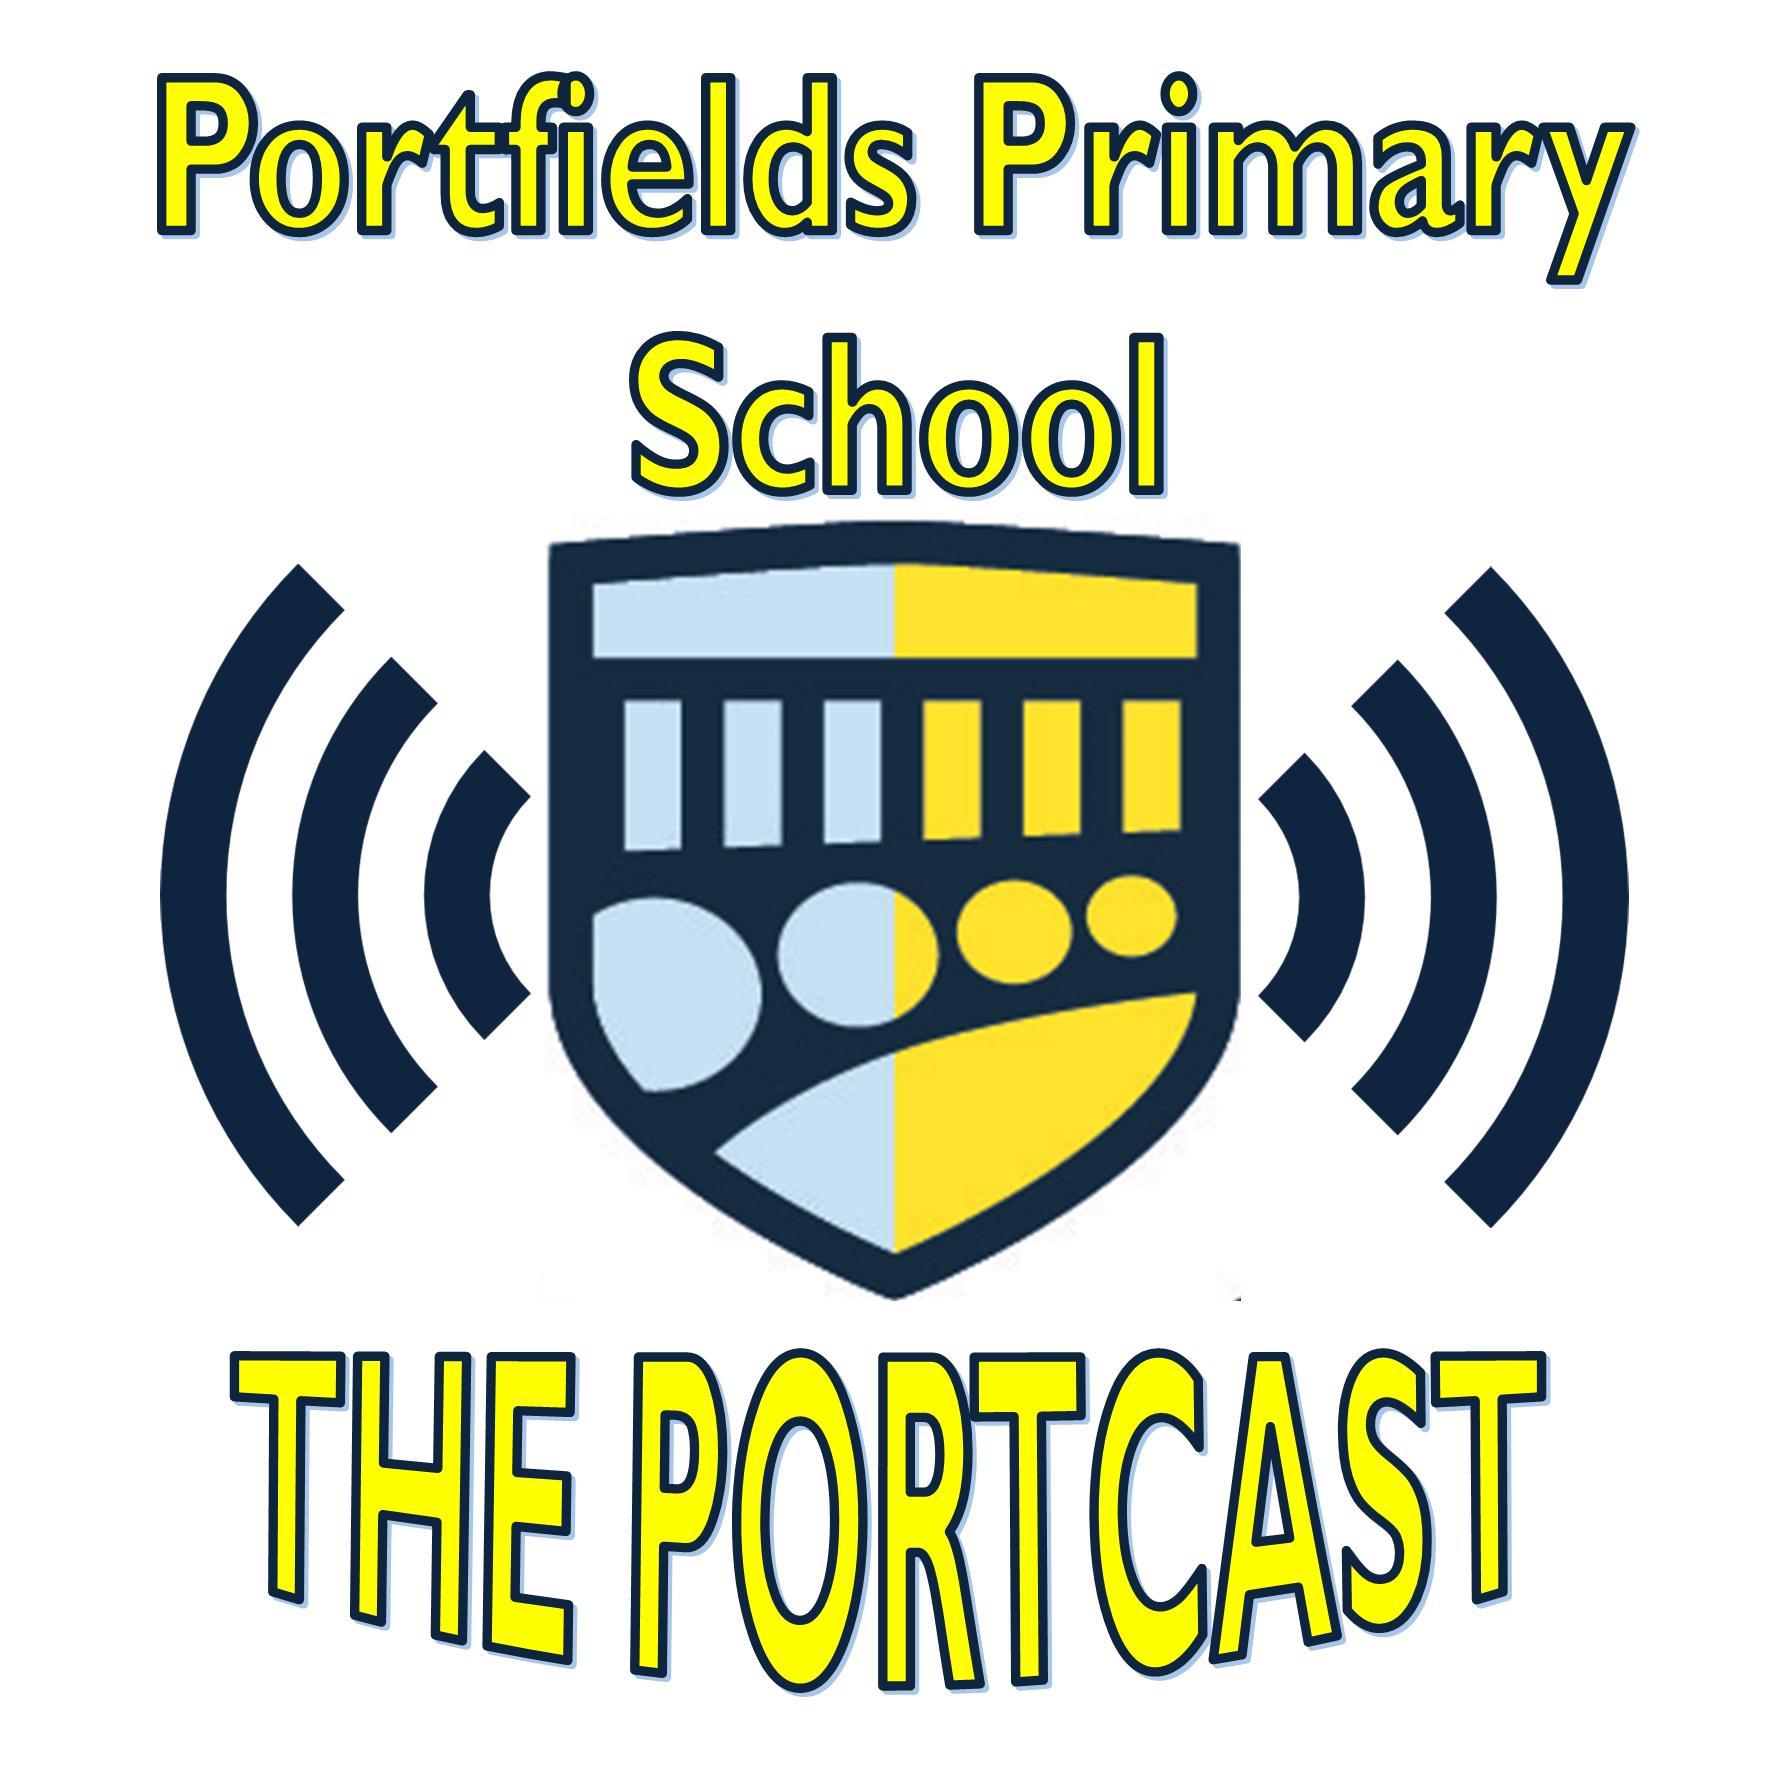 The Portcast - Portfields Primary School, Milton Keynes